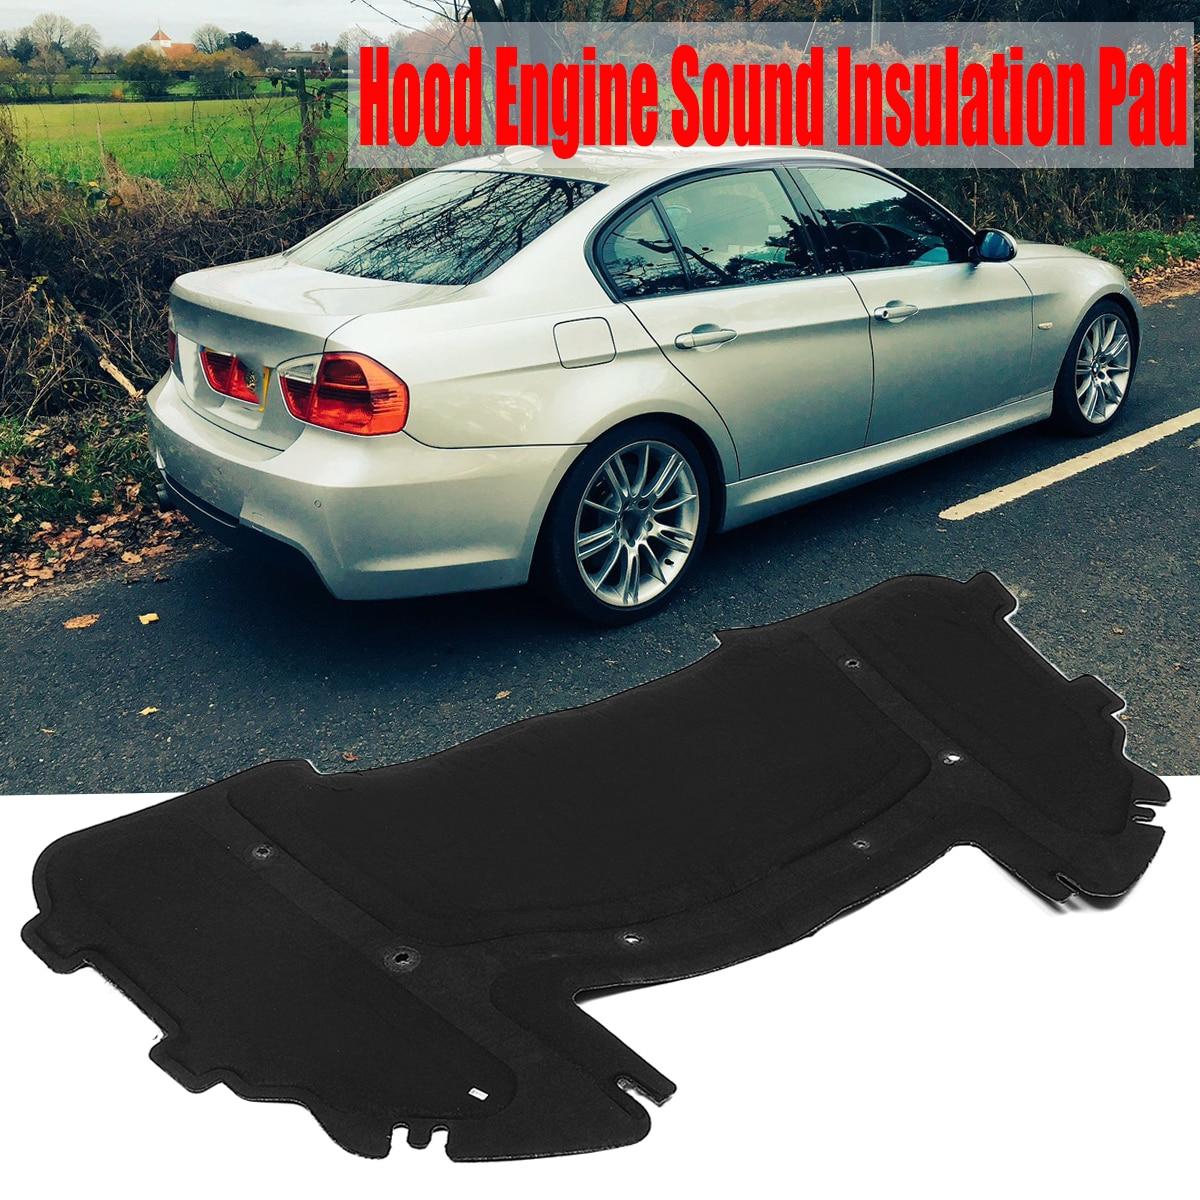 Capot de voiture moteur isolation acoustique Pad pare-feu tapis de chaleur Deadener amortissement pour BMW E90 E91 E92 E93 323i 325i 51487059260